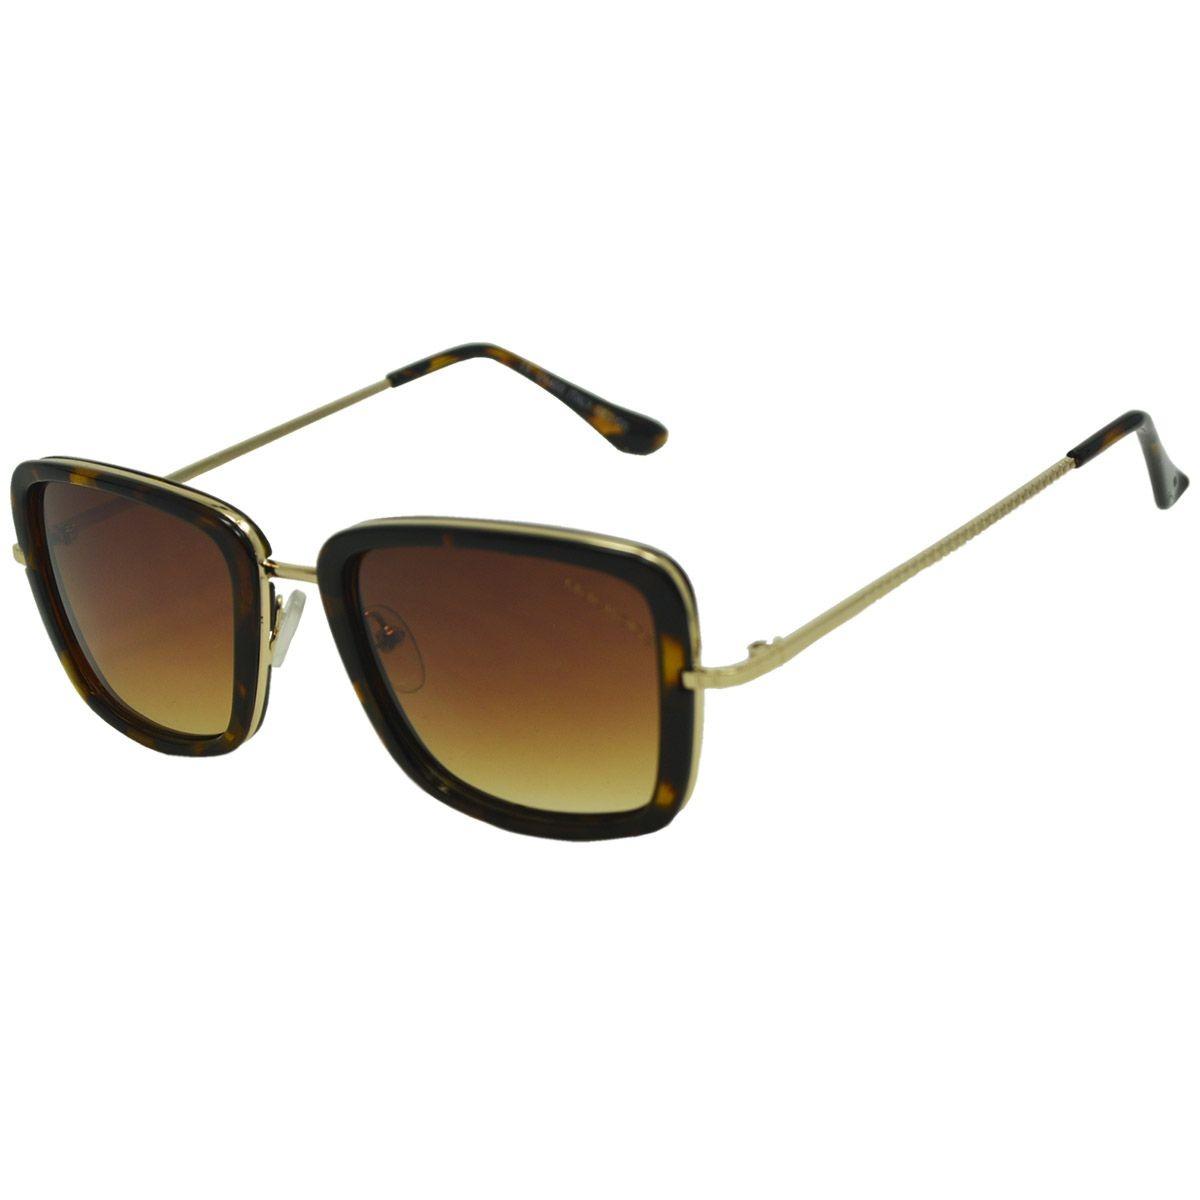 3cae16d99 Óculos De Sol Feminino Mackage Mk01420 - R$ 80,89 em Mercado Livre